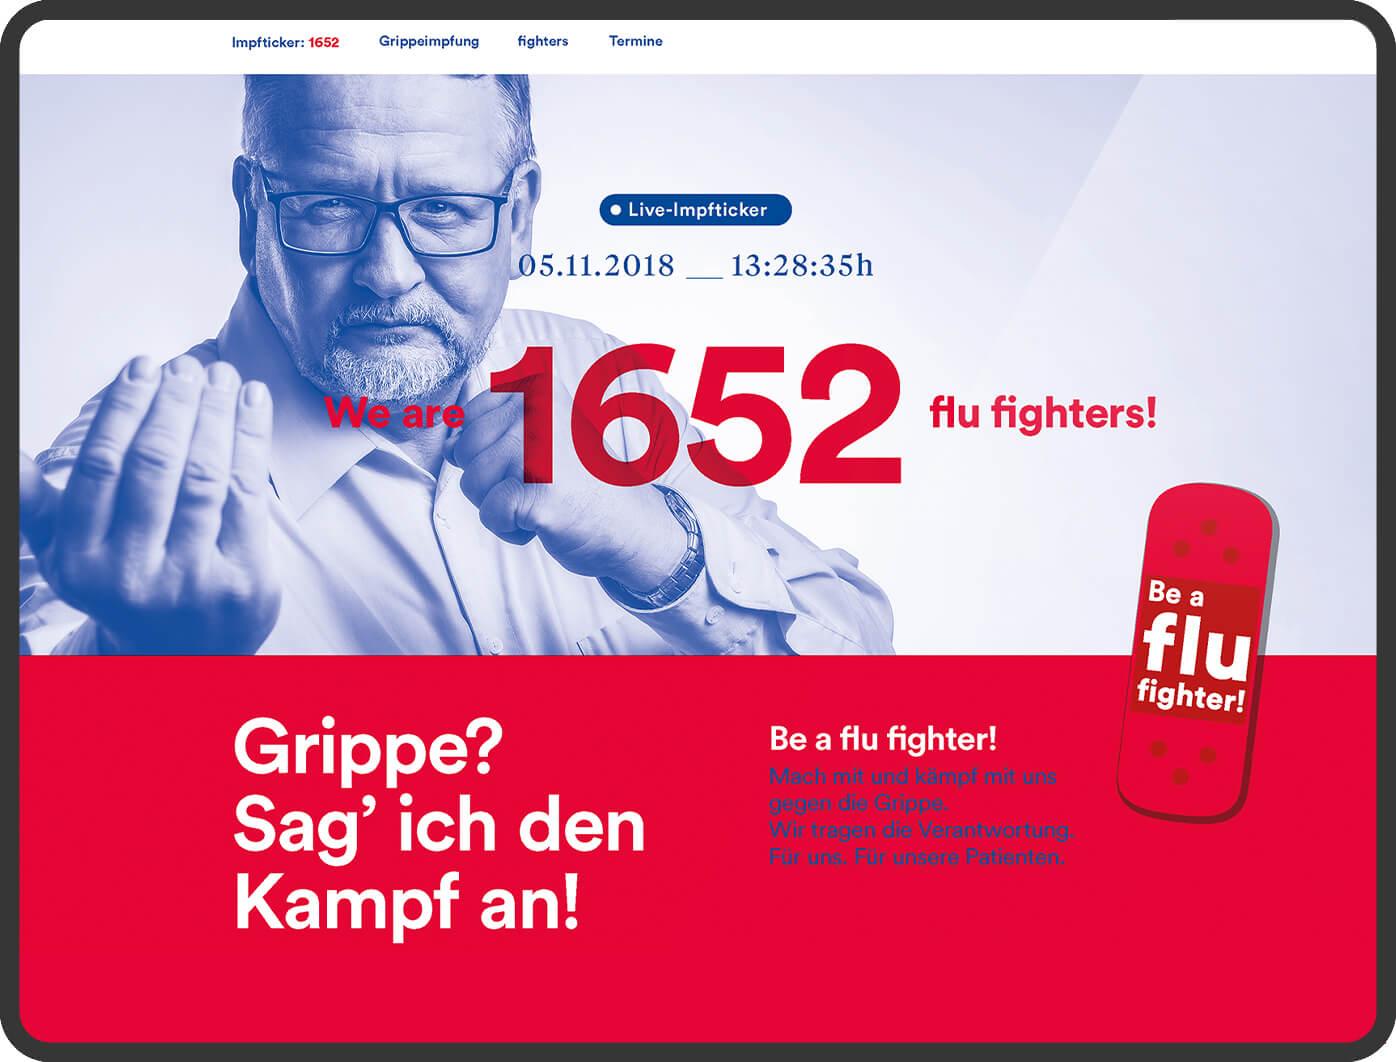 cyclos klinikum braunschweig kampagne flu fighter Werbeagentur Marketing Klinikum